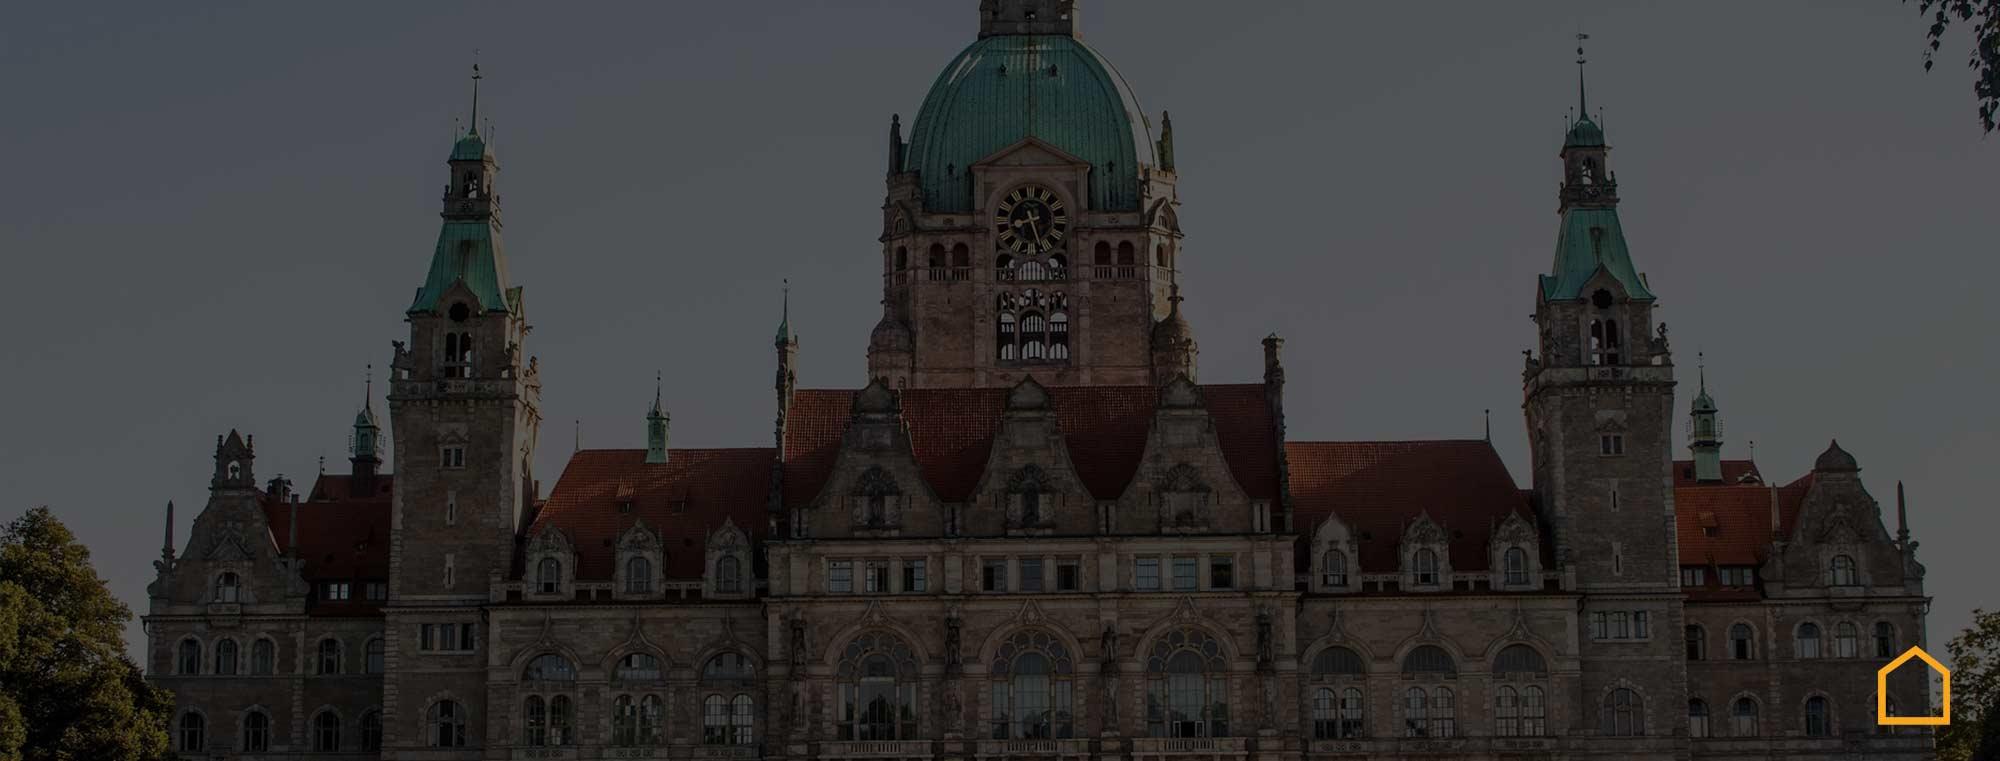 city immobilienmakler blog die teuersten stadtteile hannovers